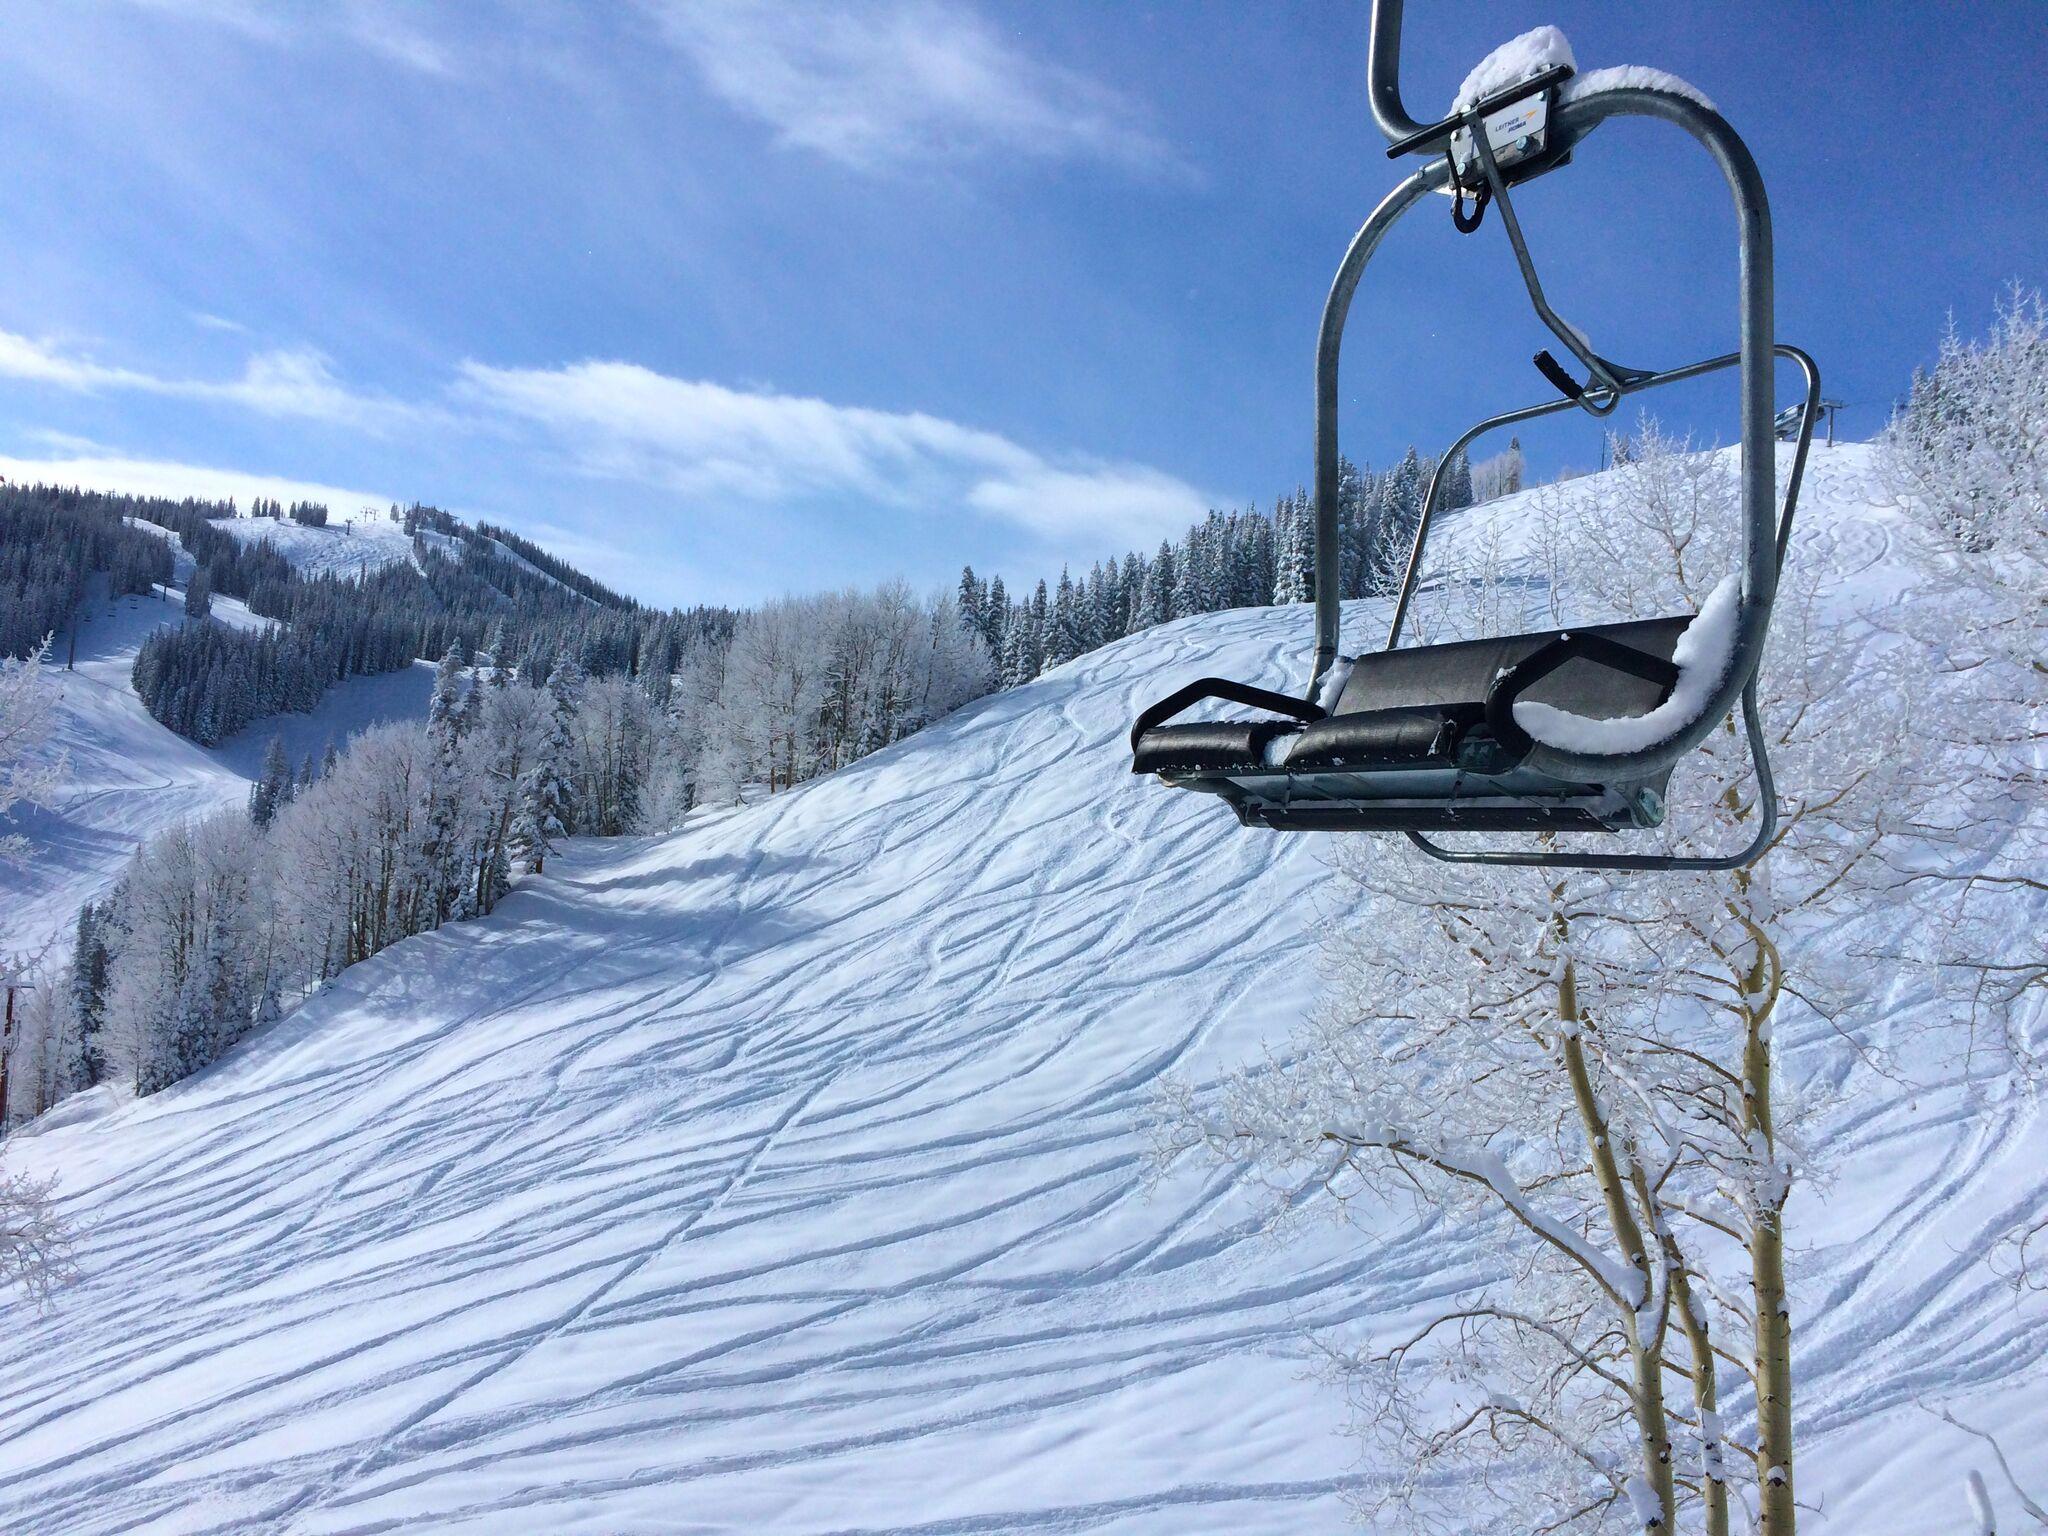 spring.snow.chairlift.Aspen.jpeg